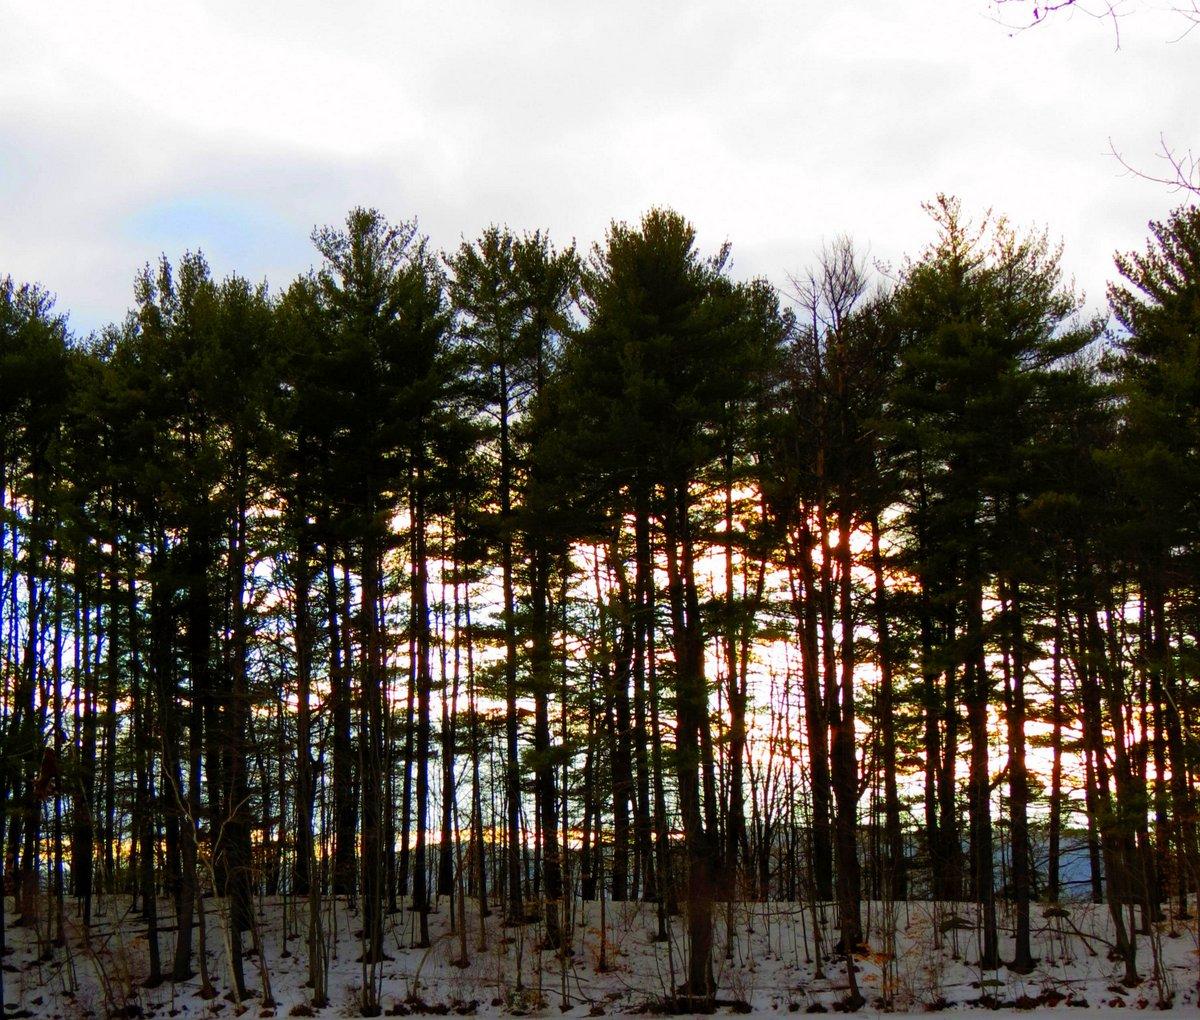 11. Sunset Through Pines